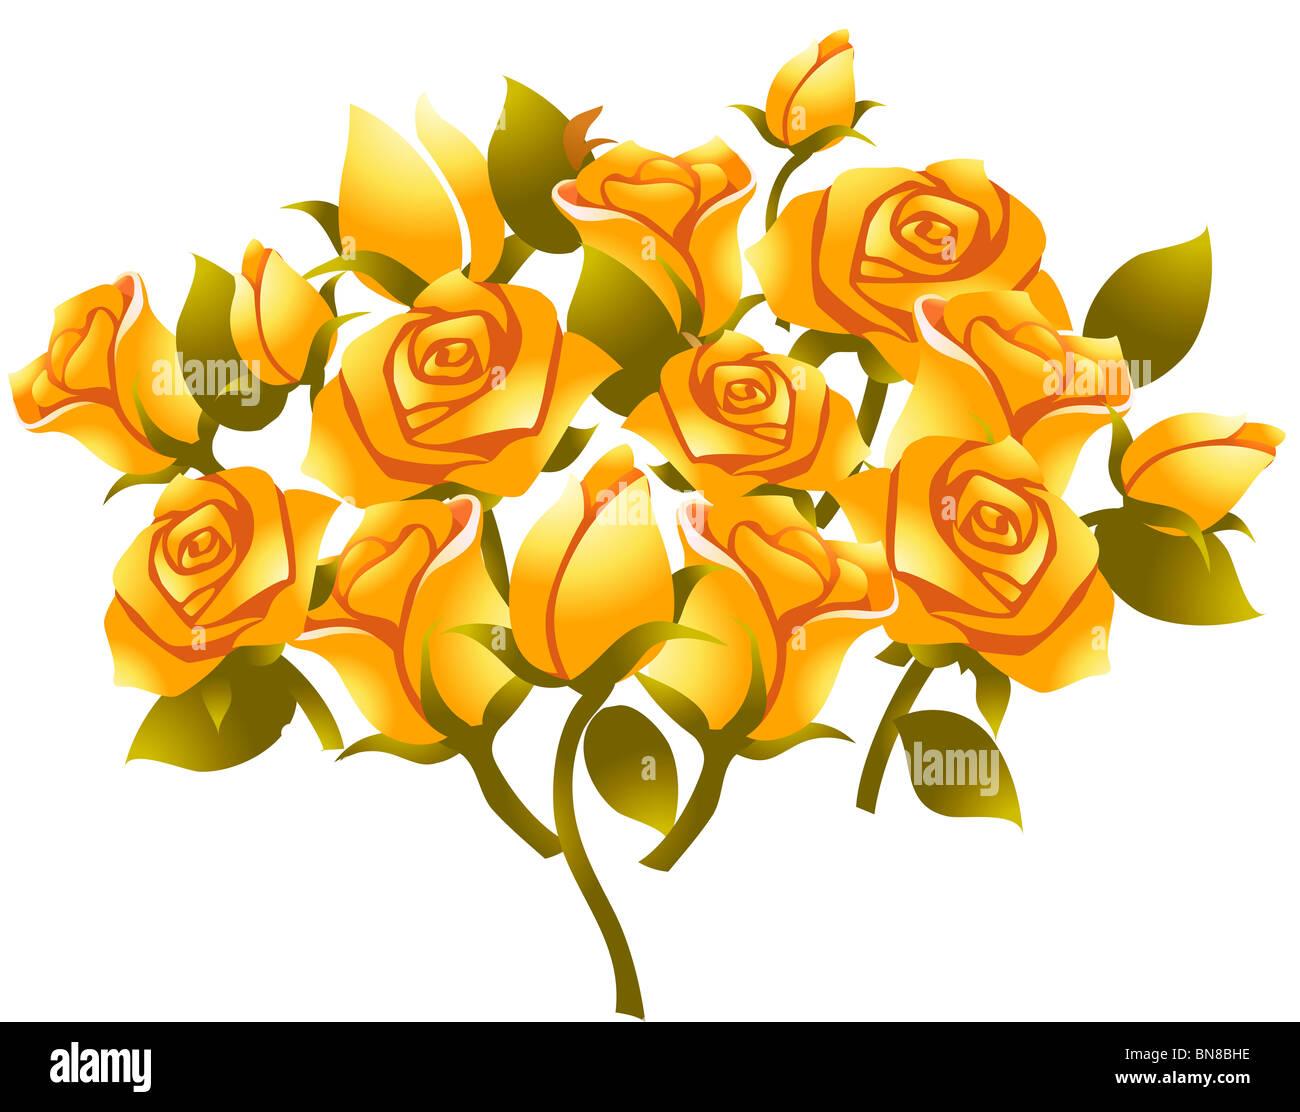 ilustração desenho da flor rosa amarela em fundo branco foto imagem